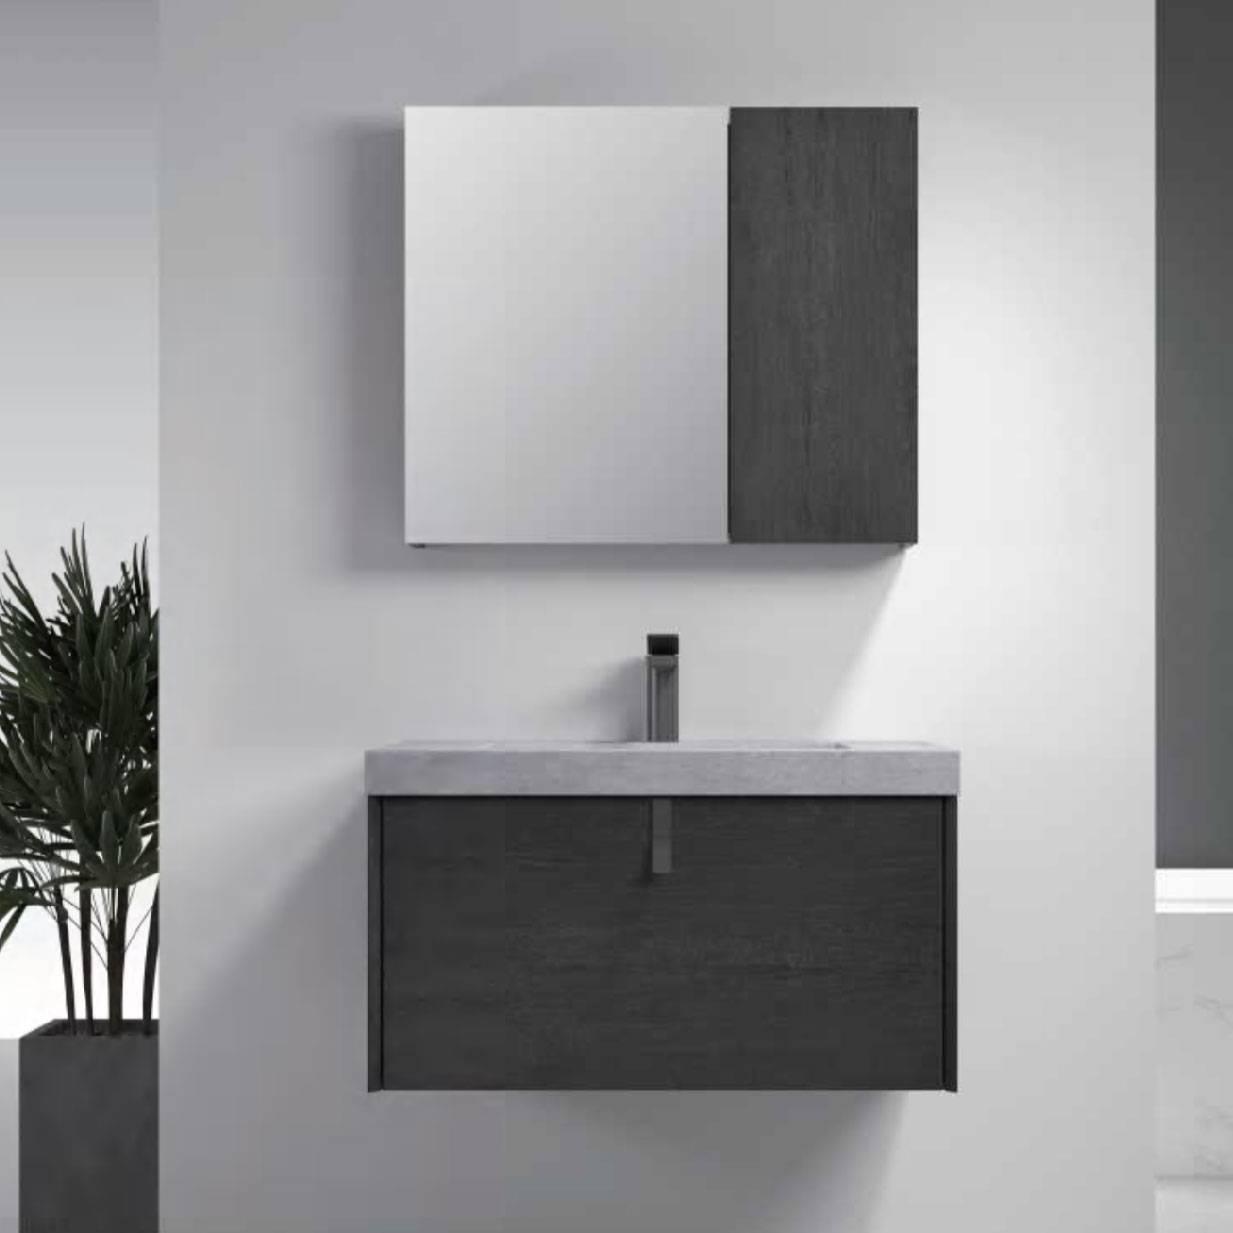 浴室柜Chuck查克 PY27808(定制交期图纸签字确认后60天) 购买浴室柜不含龙头与下水